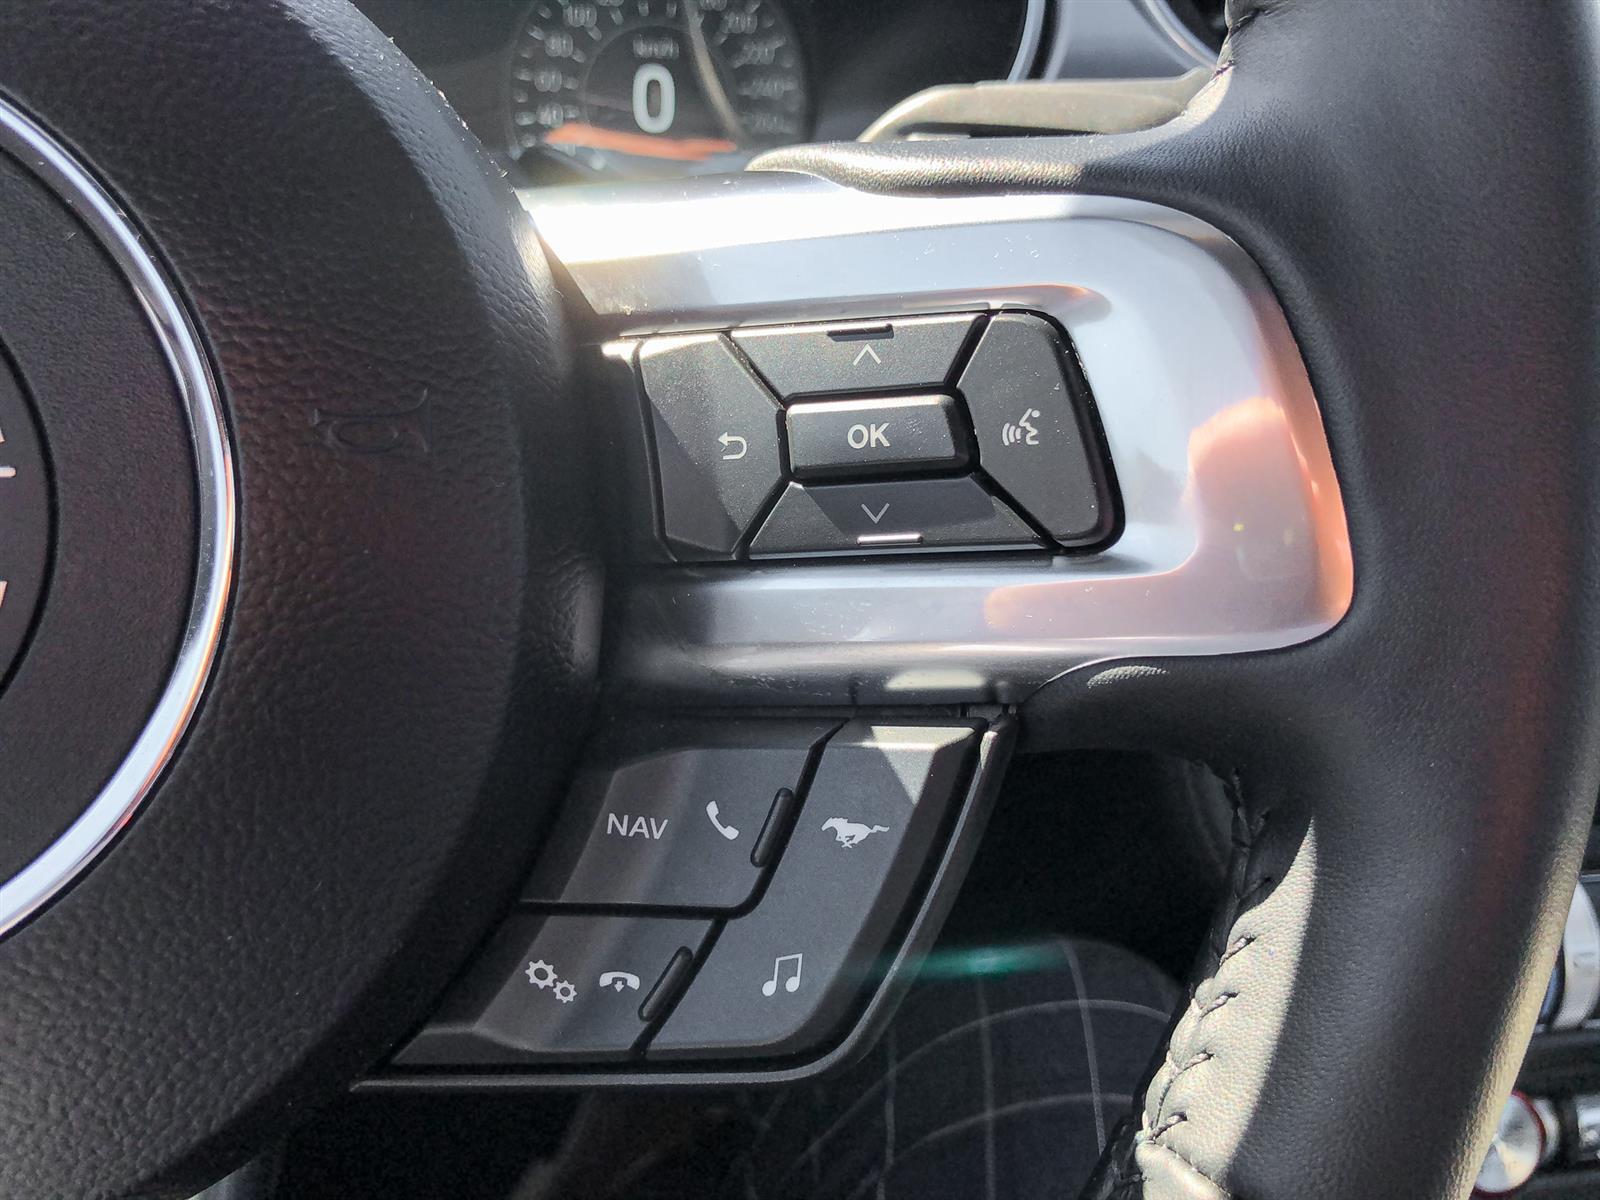 2020 Ford Mustang BULLITT   5.0L V8   RWD   REAR CAMERA   TOUCH SCREEN NAV SYSTEM